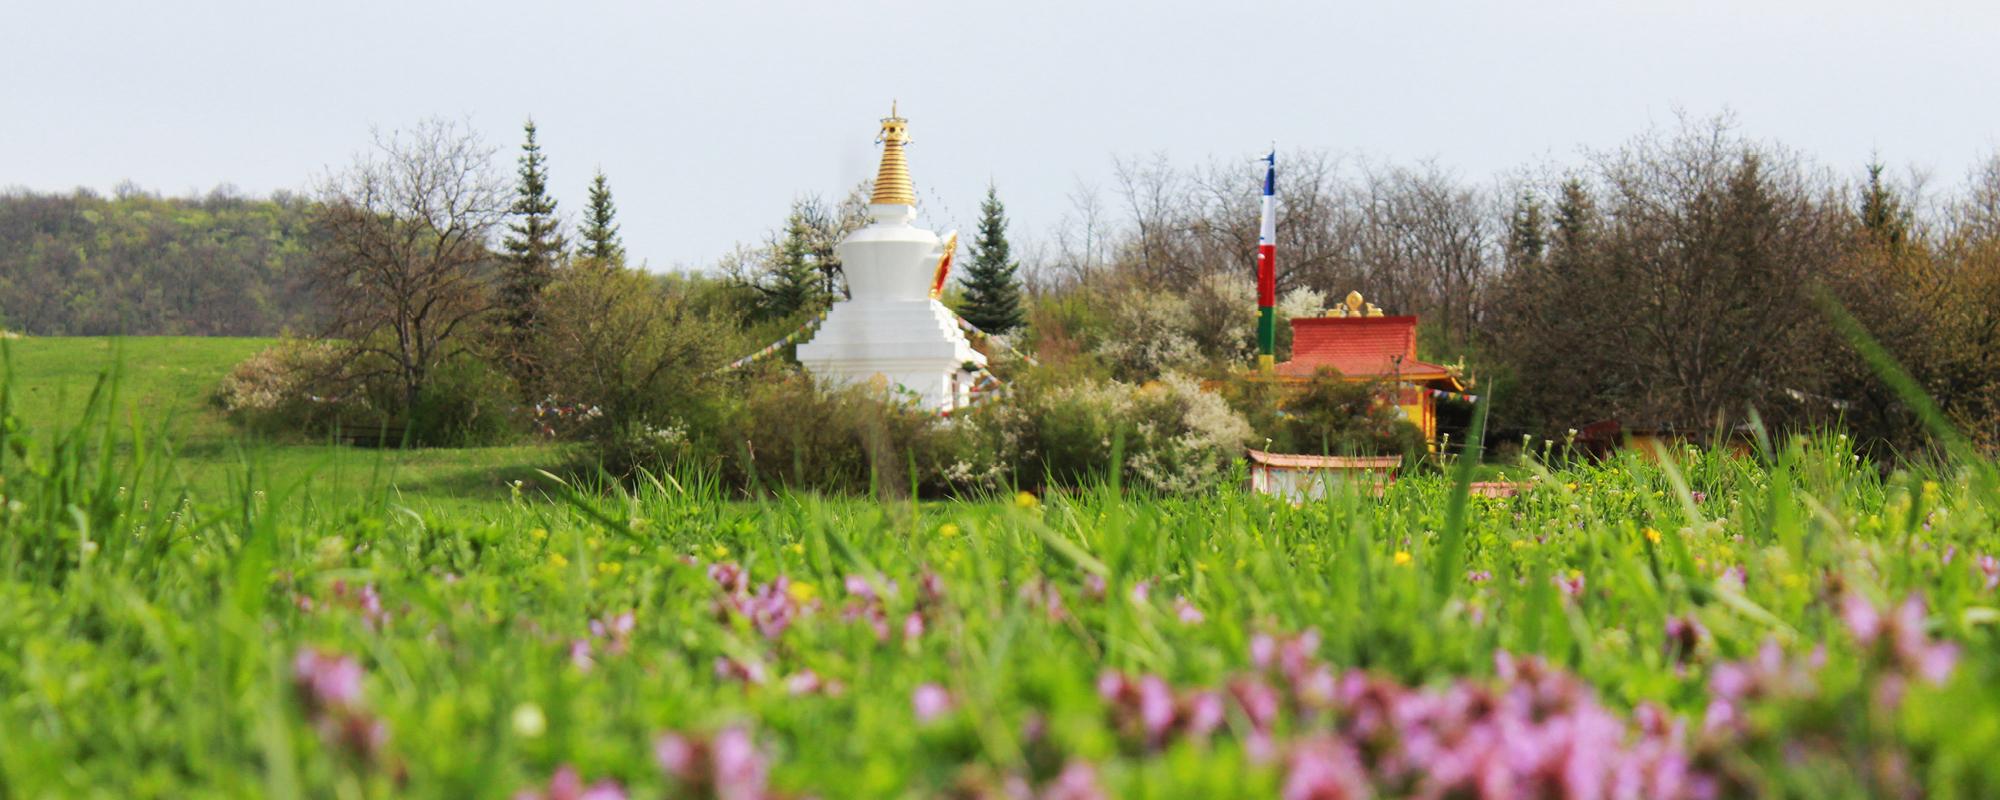 Tavaszi szangha-nap Taron @ Tar - Kőrösi Csoma Sándor Emlékpark